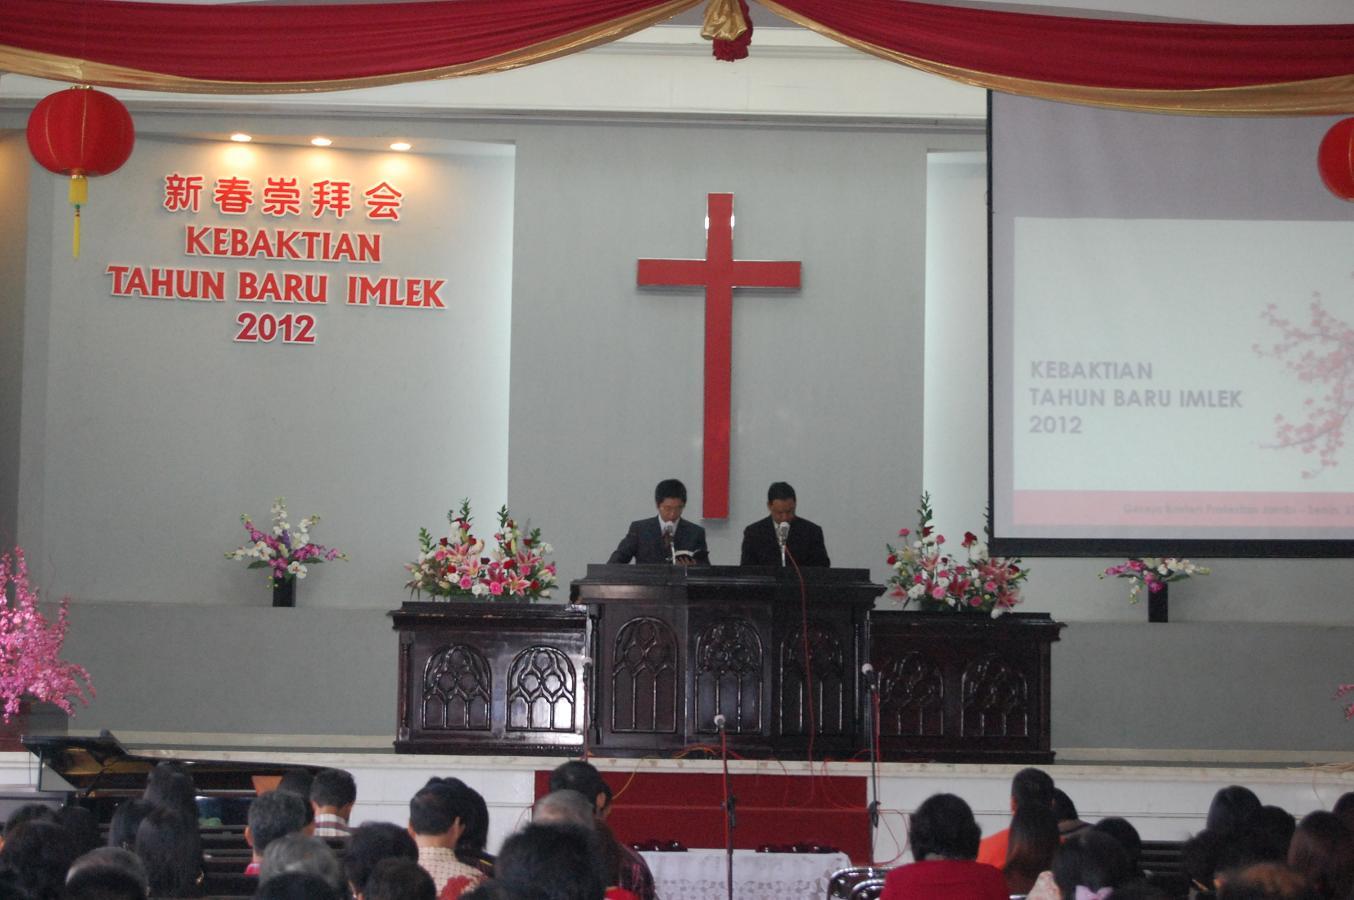 Sambut Imlek 2563, Umat Kristen Tionghoa Lakukan Ibadah Syukur